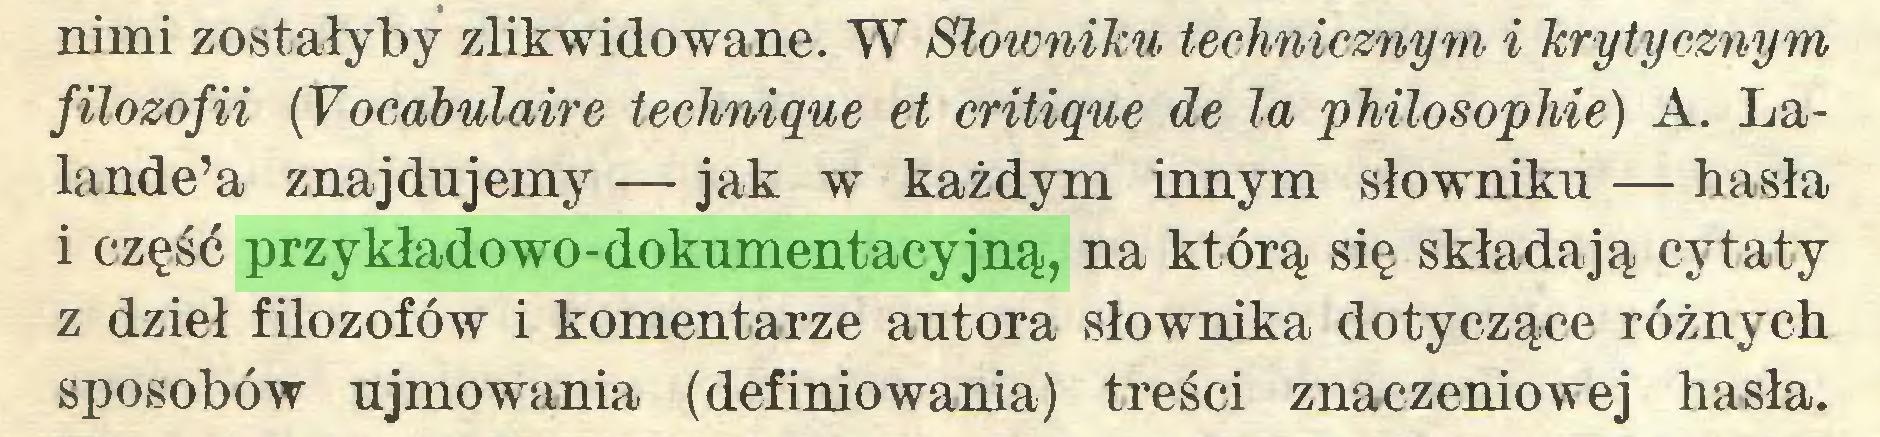 (...) nimi zostałyby zlikwidowane. W Słowniku technicznym i krytycznym filozofii (Vocabulaire technique et critique de la philosophie) A. Lalande'a znajdujemy — jak w każdym innym słowniku — hasła i część przykładowo-dokumentacyjną, na którą się składają cytaty z dzieł filozofów i komentarze autora słownika dotyczące różnych sposobów ujmowania (definiowania) treści znaczeniowej hasła...